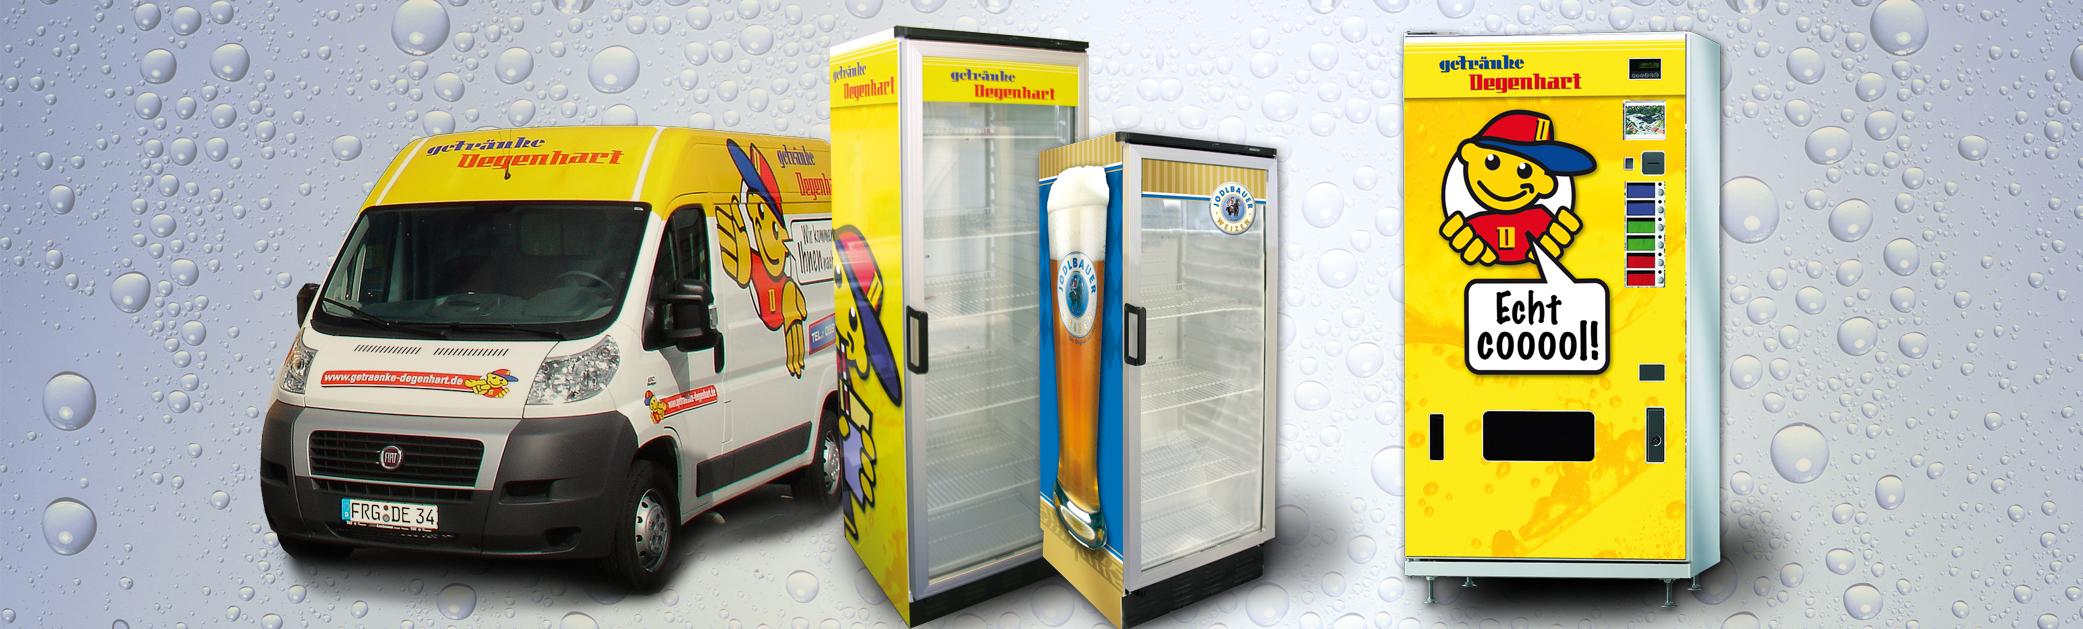 Getränke Degenhart - Getränkeautomaten von Getränke Degenhart